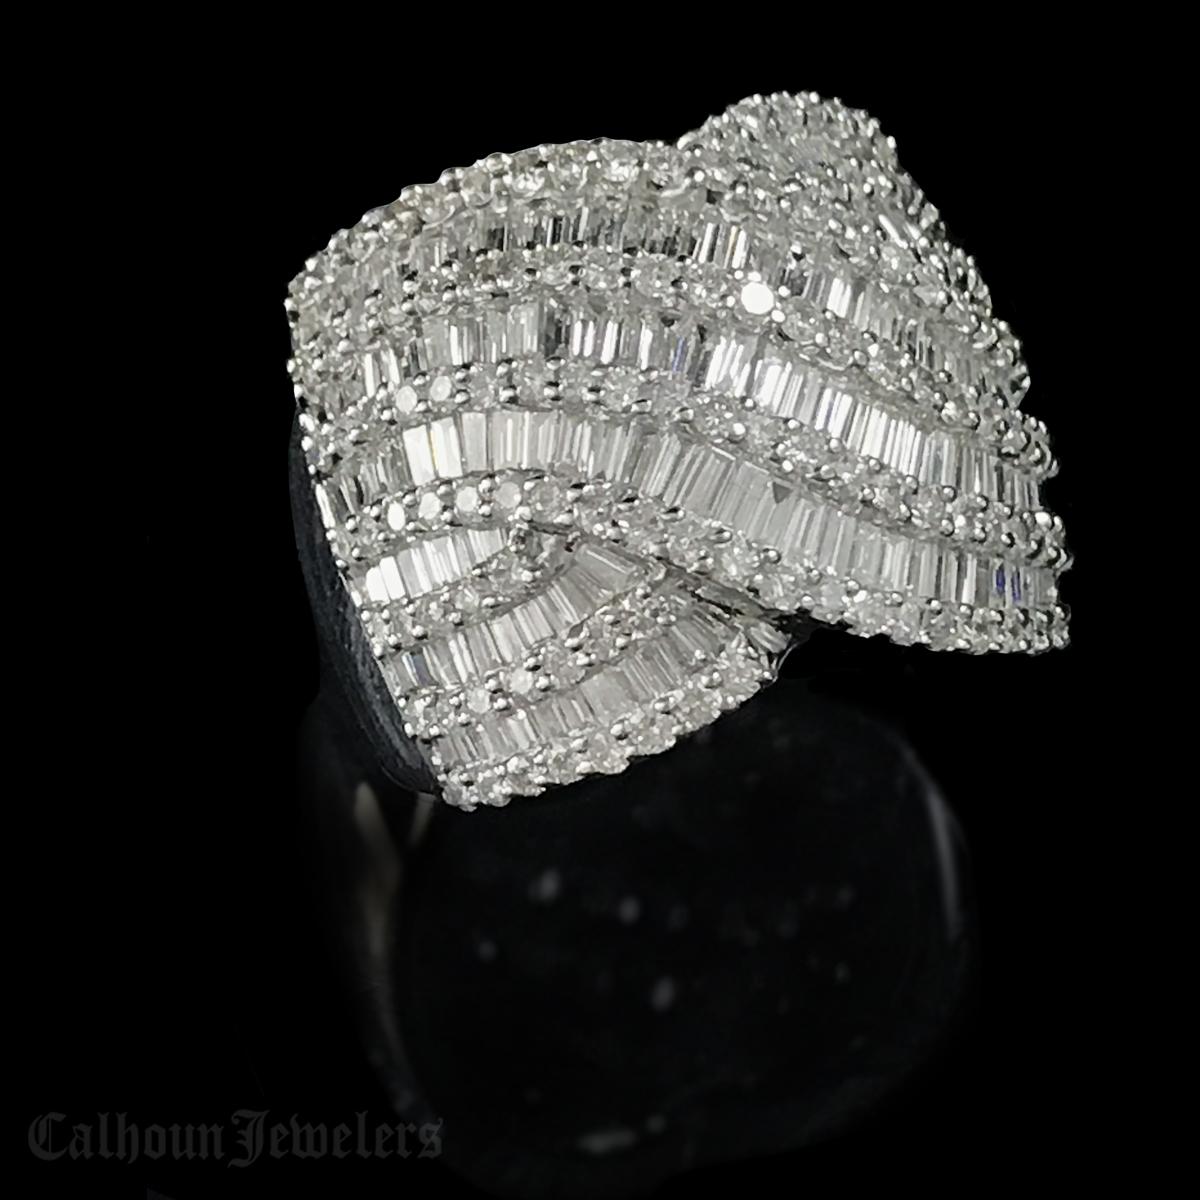 White Gold 18Kt. Diamond ring